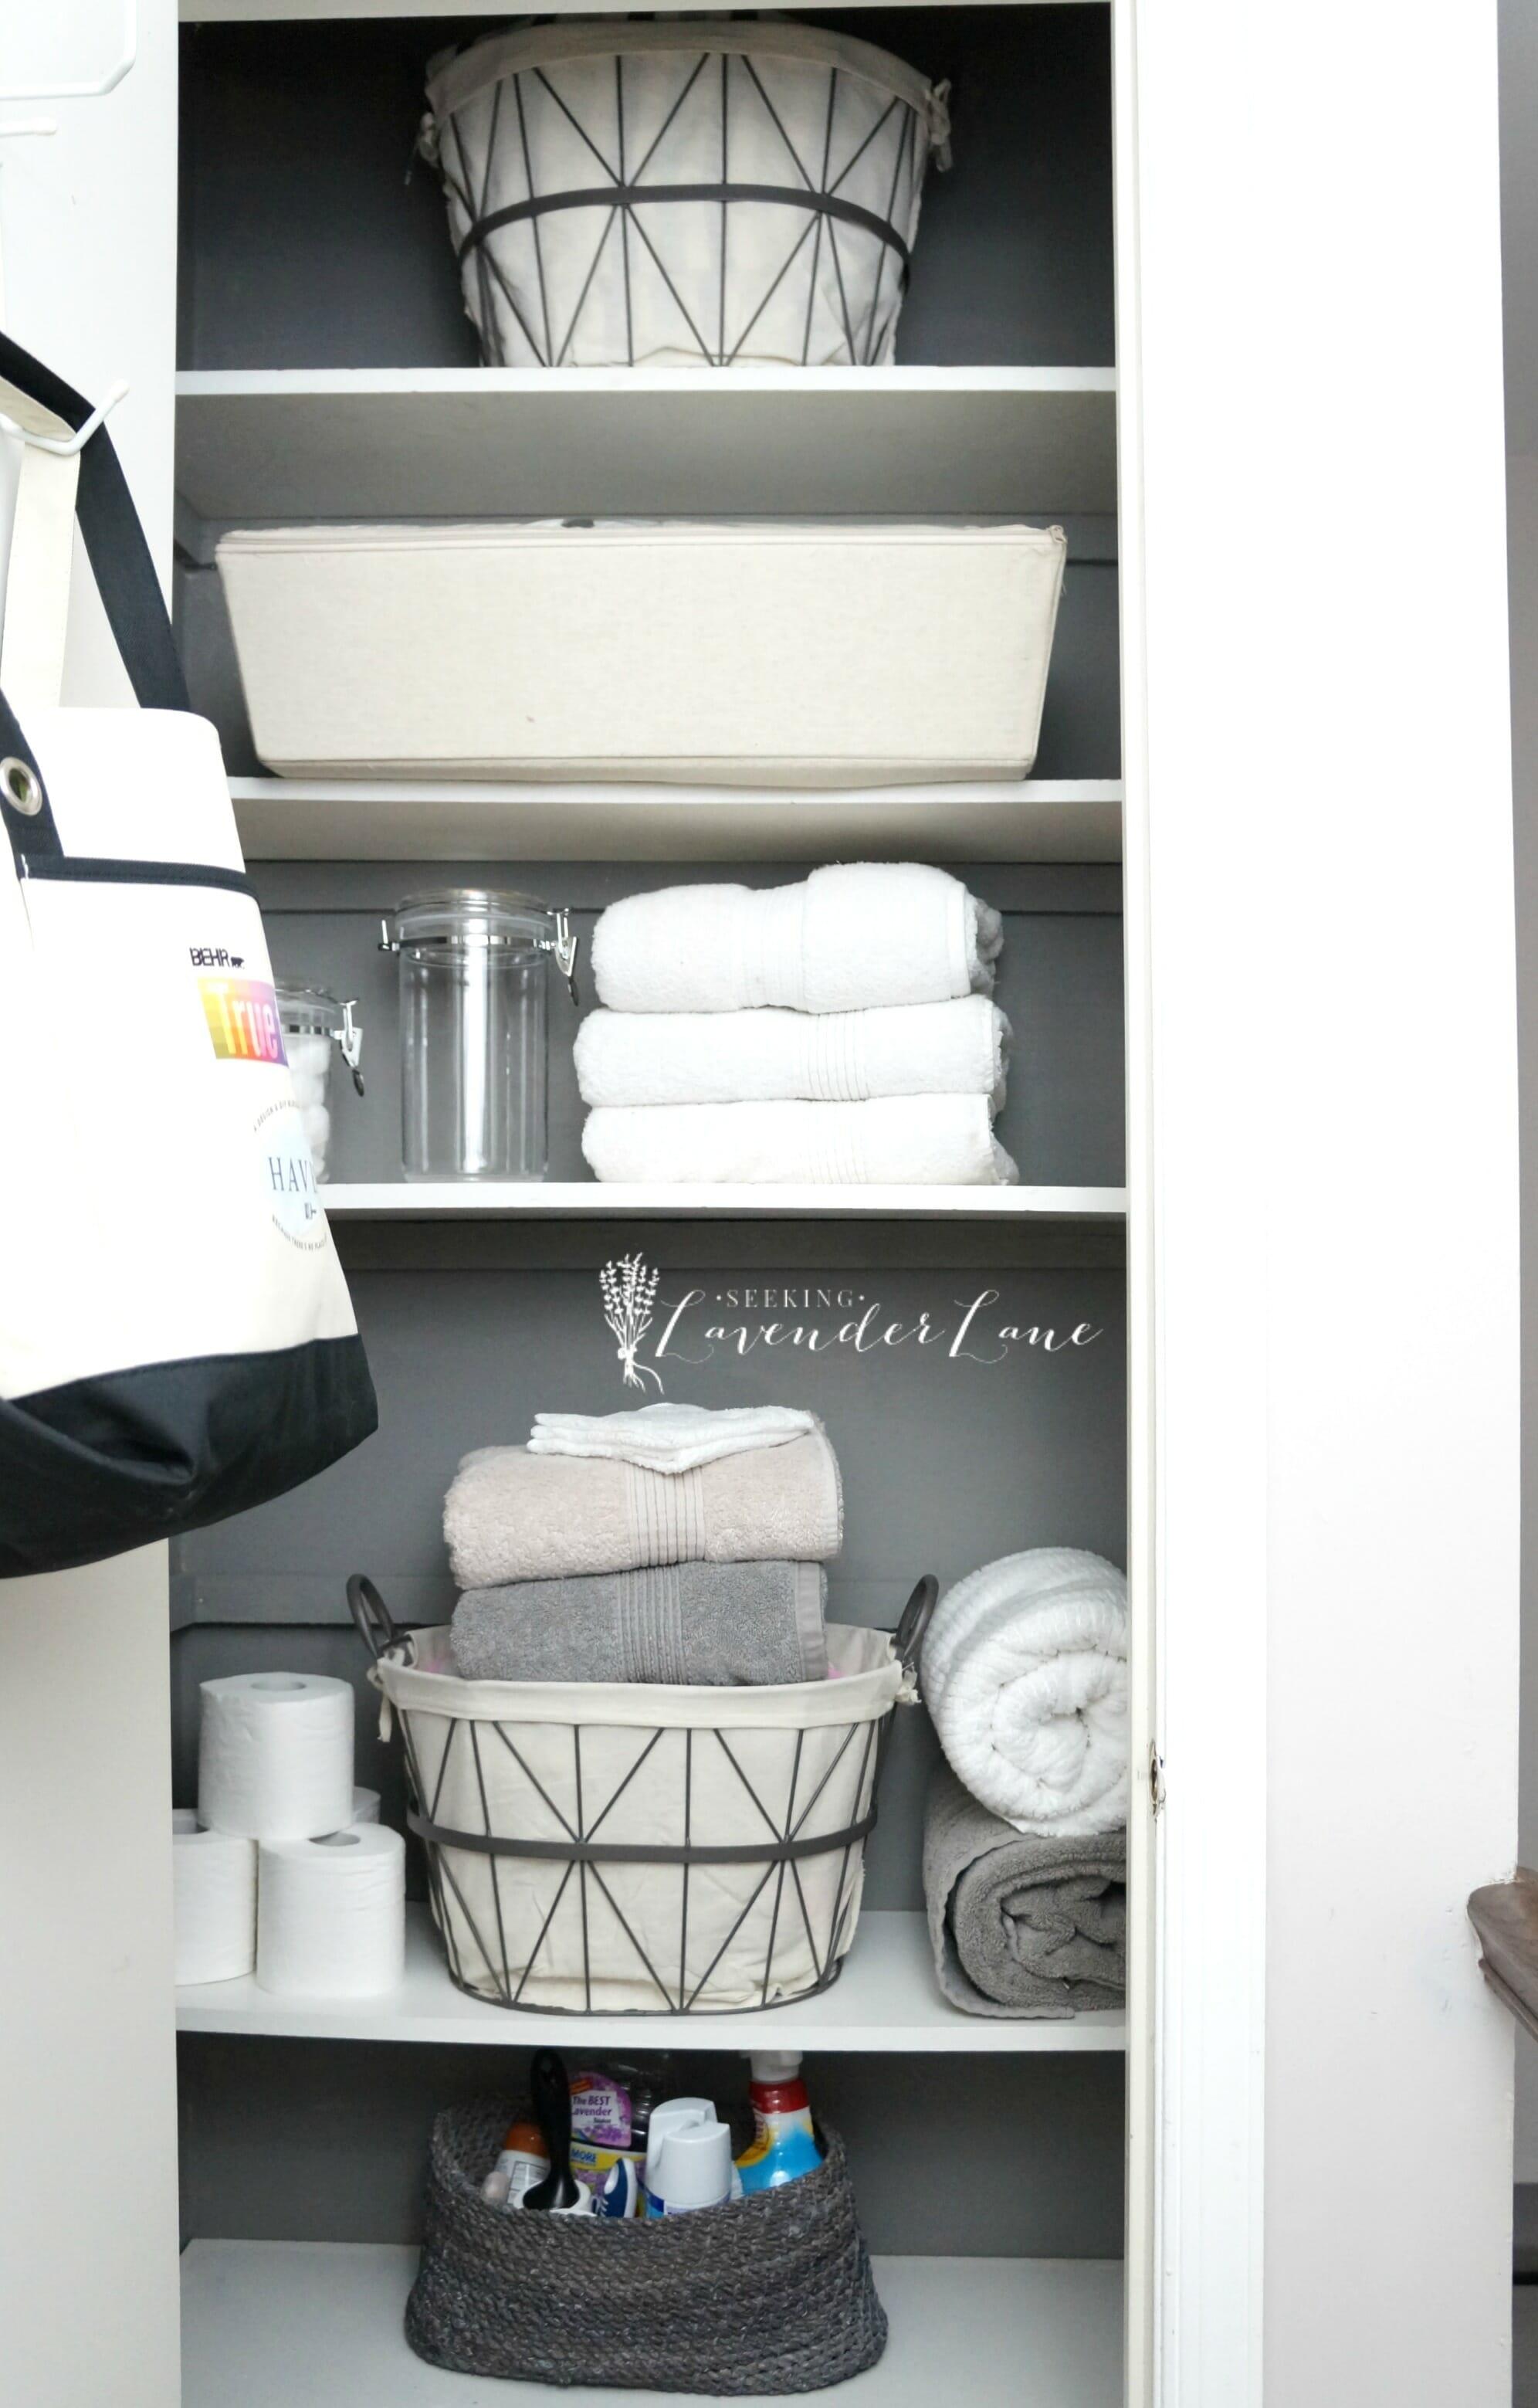 Pretty Organized Linen Closet Seeking Lavendar Lane